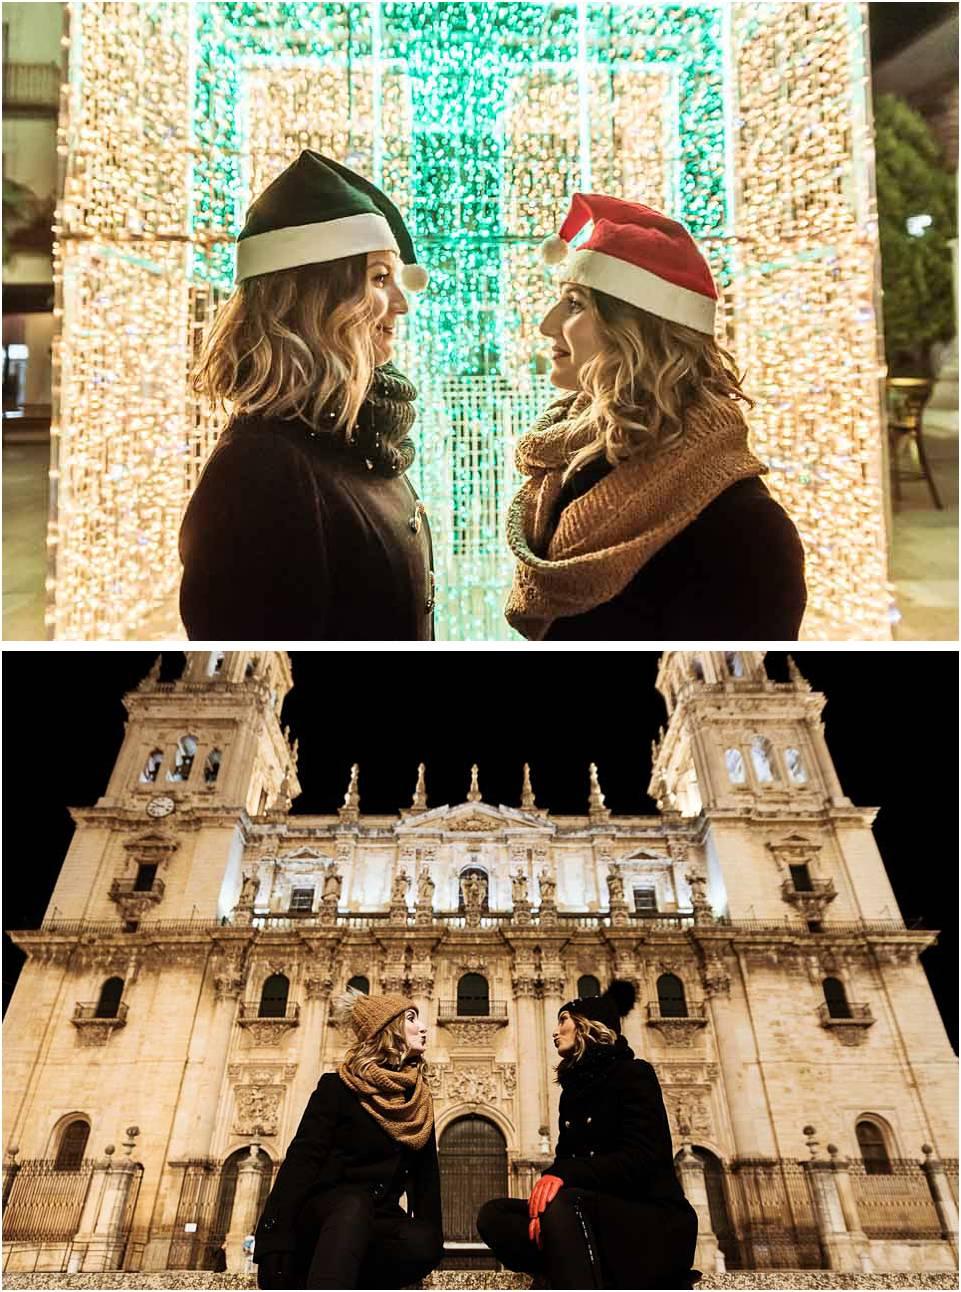 Sesión de fotos de amigas, sesión de fotos, sesión de fotos en Jaén, amigas, love, fotografo de boda, fotografo, fotografía de boda